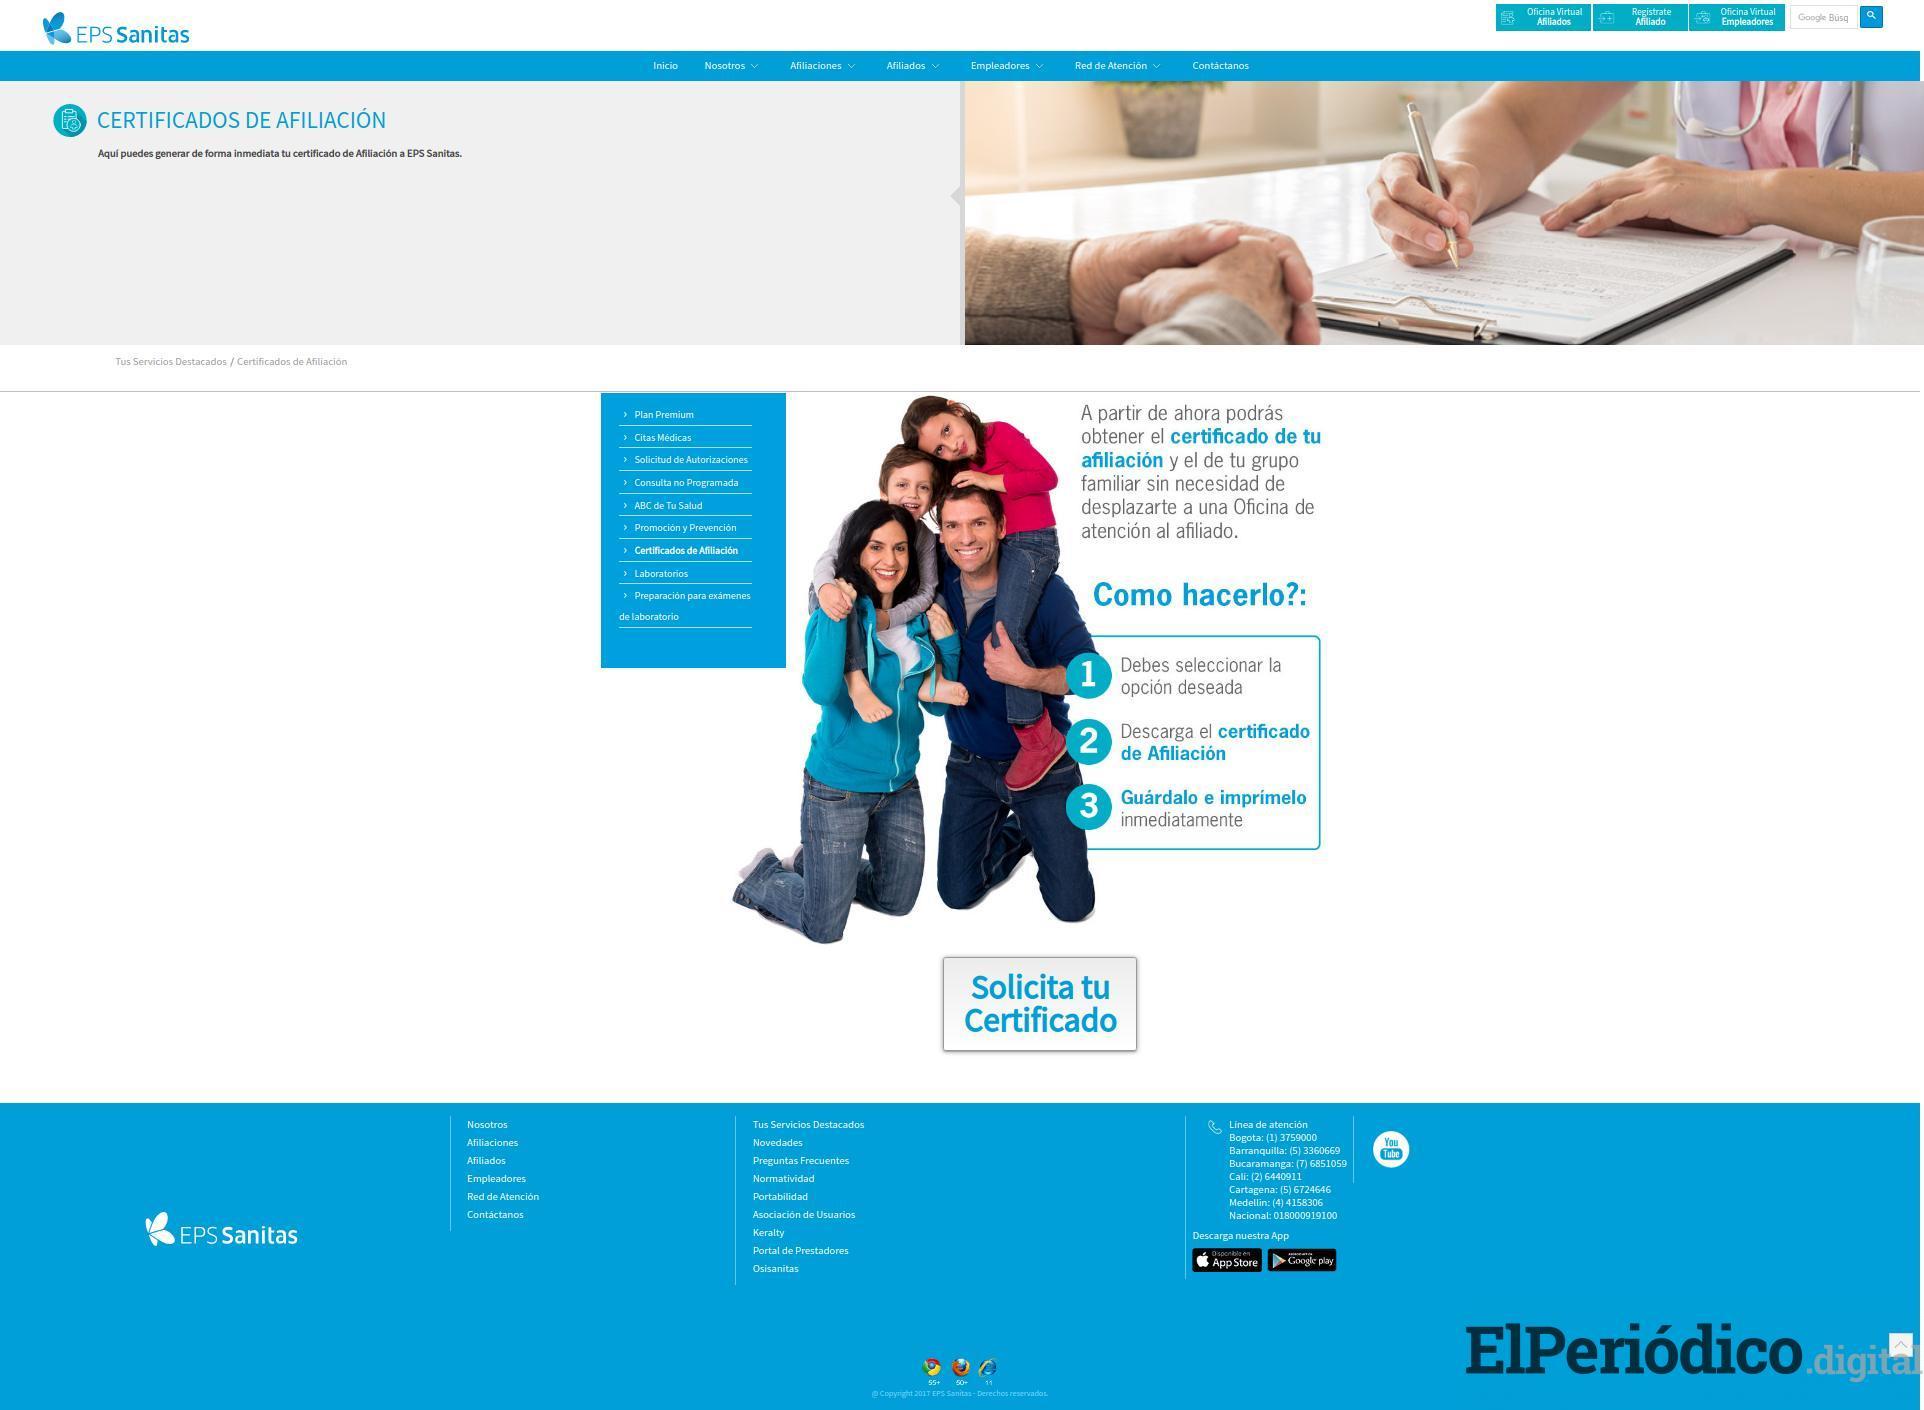 Cómo solicitar certificado de afiliación EPS Sanitas ONLINE 1